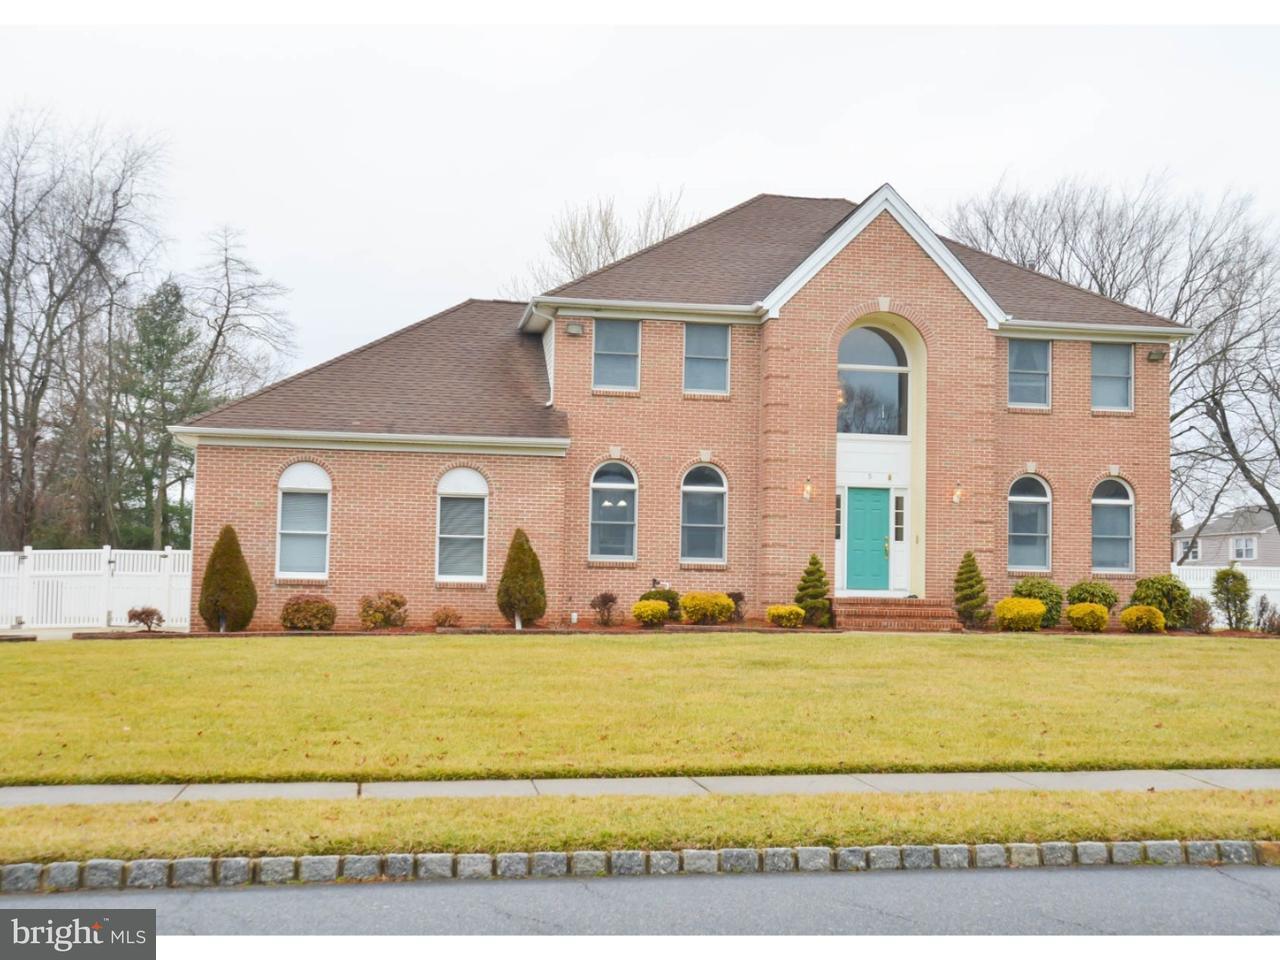 Casa Unifamiliar por un Venta en 5 ROYALTY Lane Laurel Springs, Nueva Jersey 08021 Estados Unidos